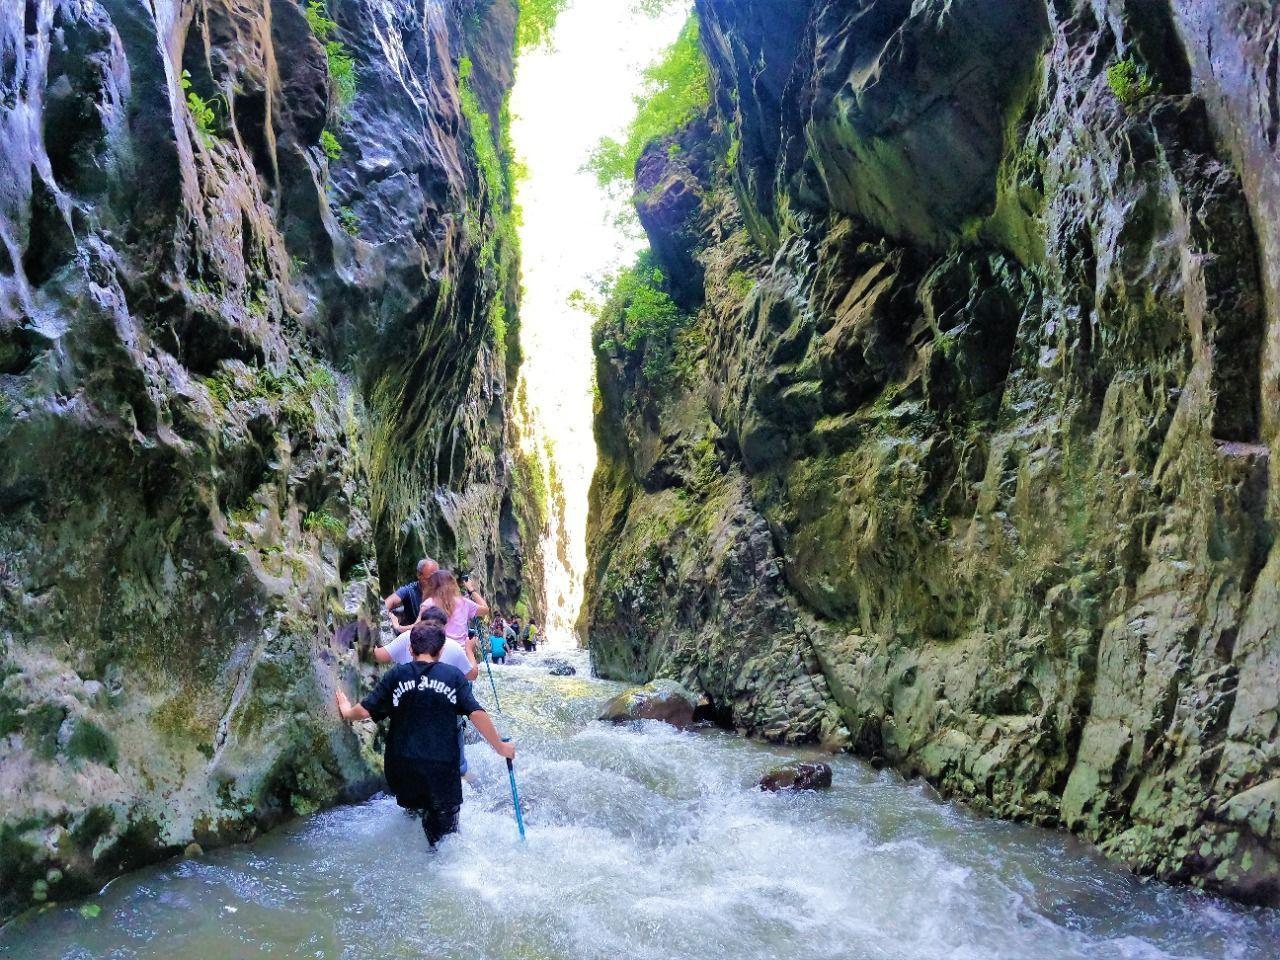 Kocaeli'nde adrenalin tutkunlarının gözdesi Serindere Kanyonu her gün yüzlerce kişiyi ağırlıyor - Sayfa 2